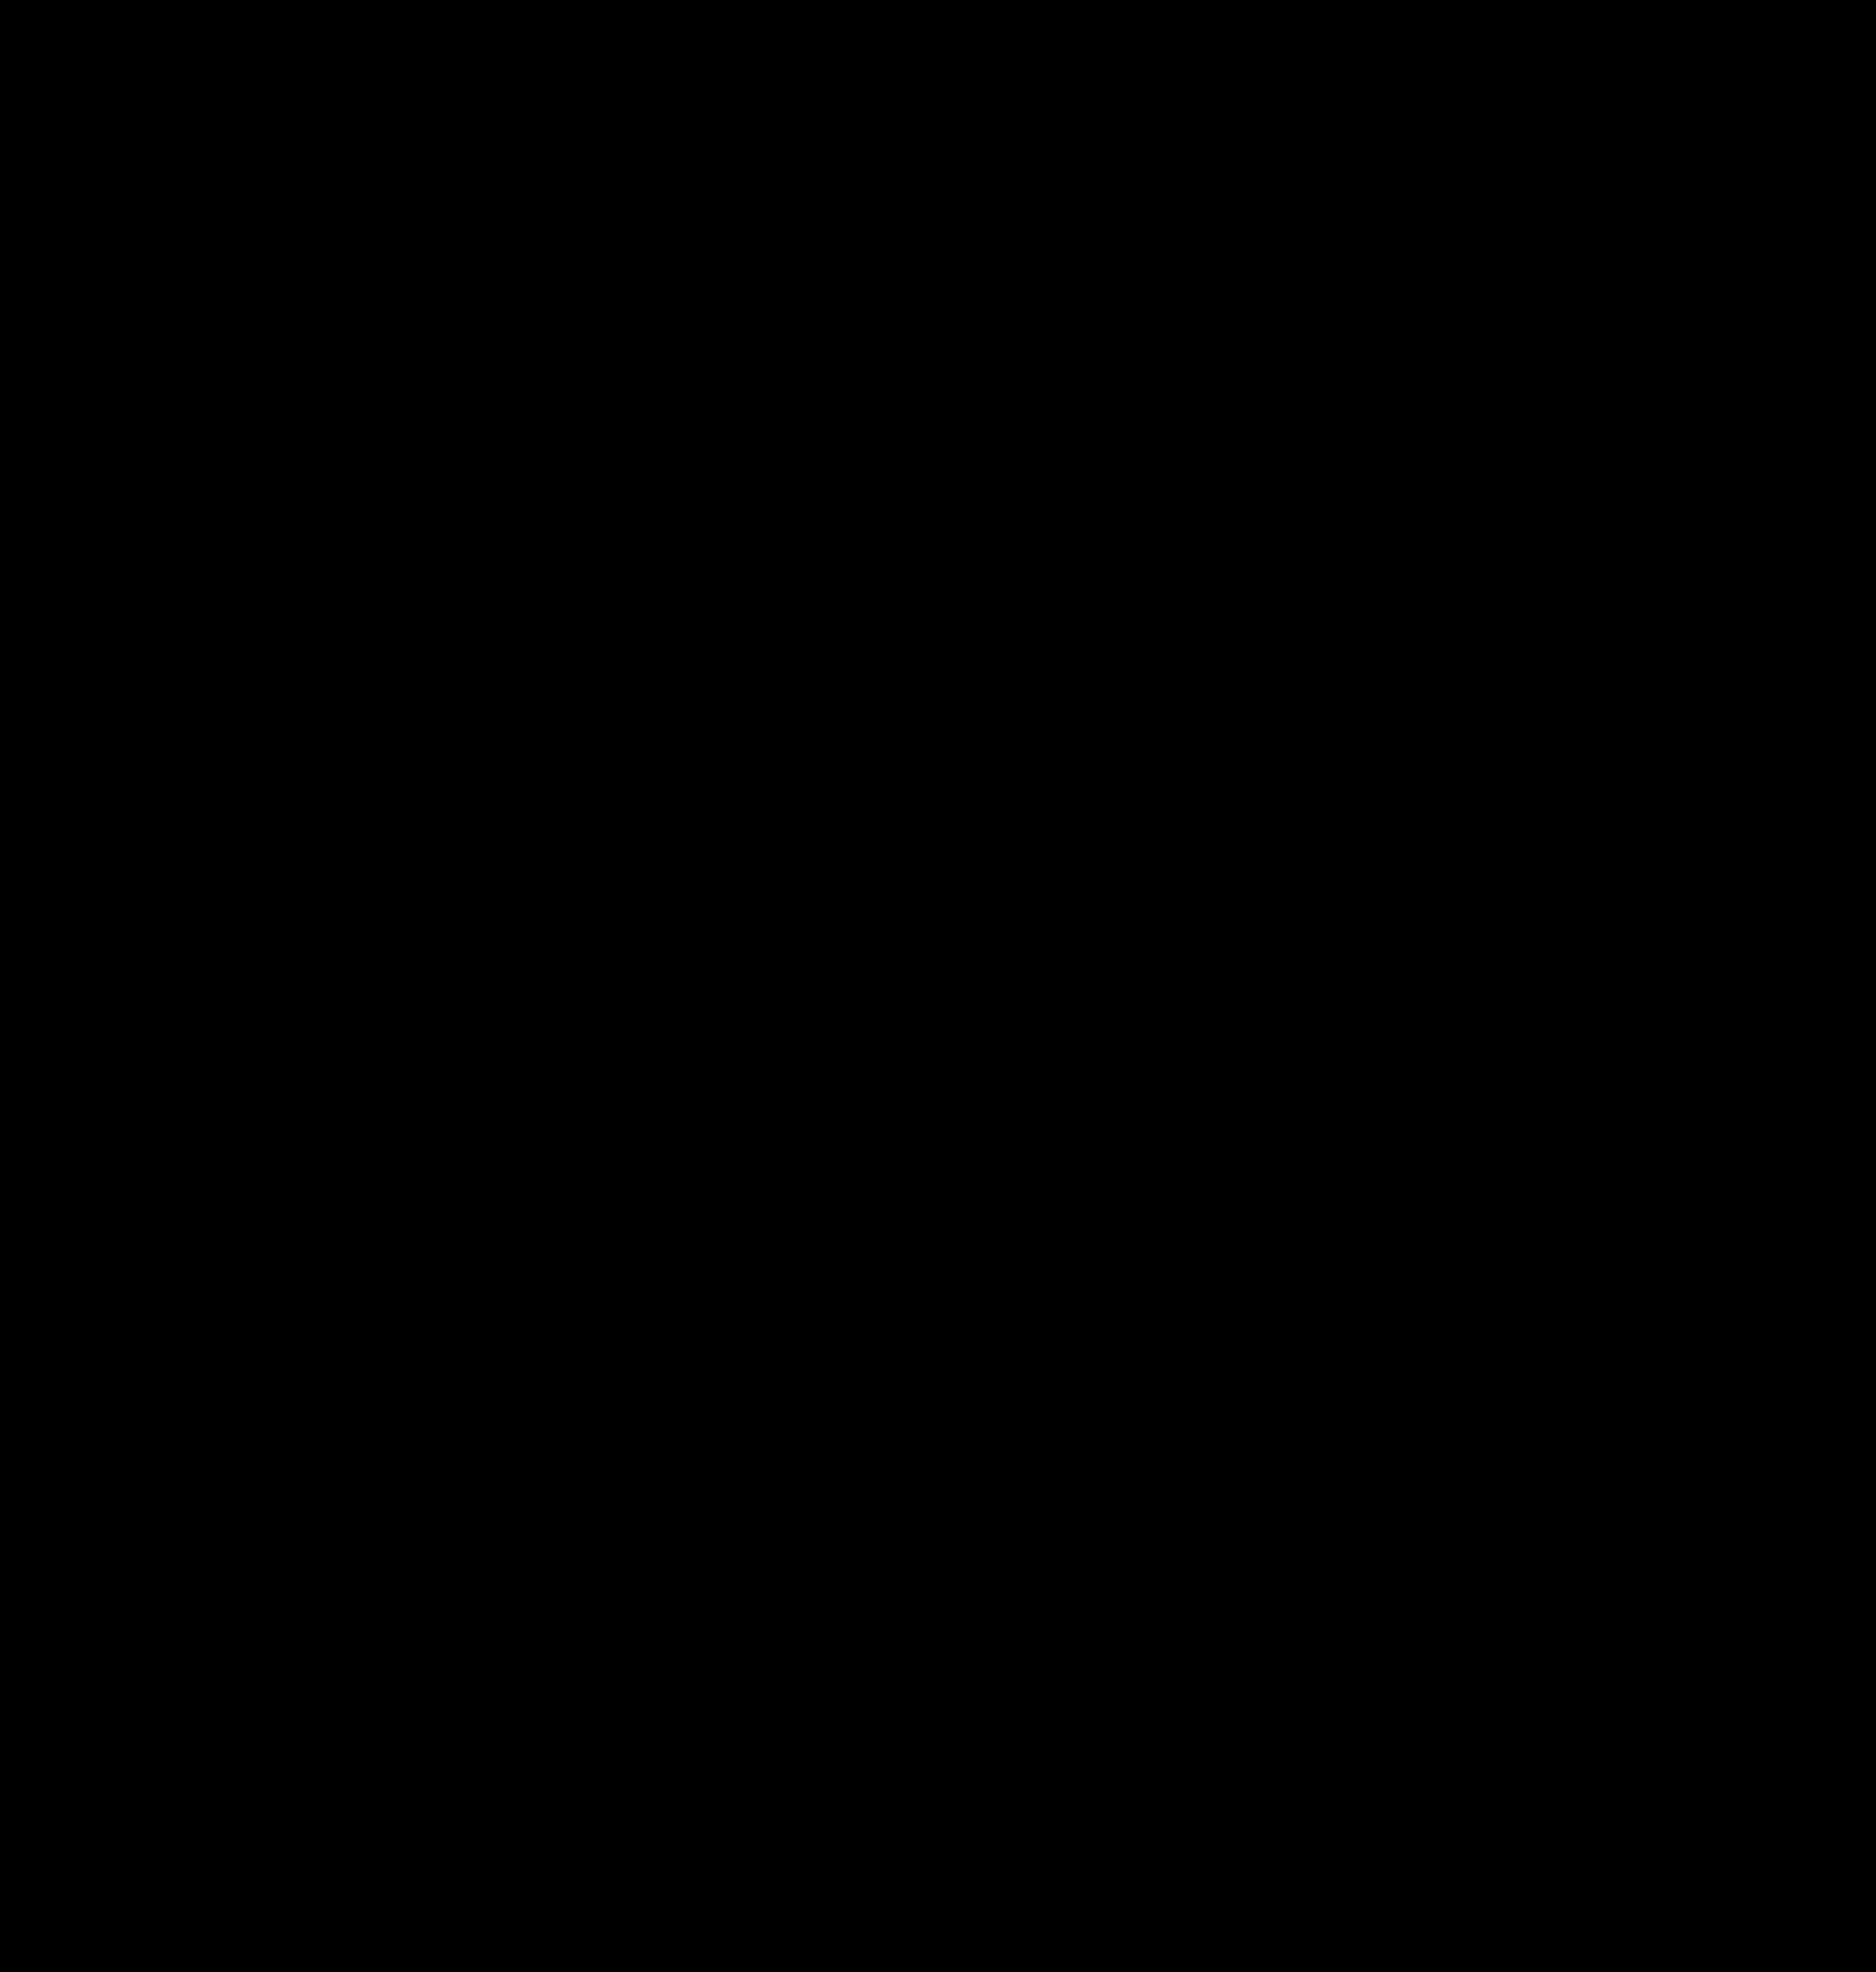 Новый логотип для производственной компании фото f_3825a8735dbb1adf.jpg